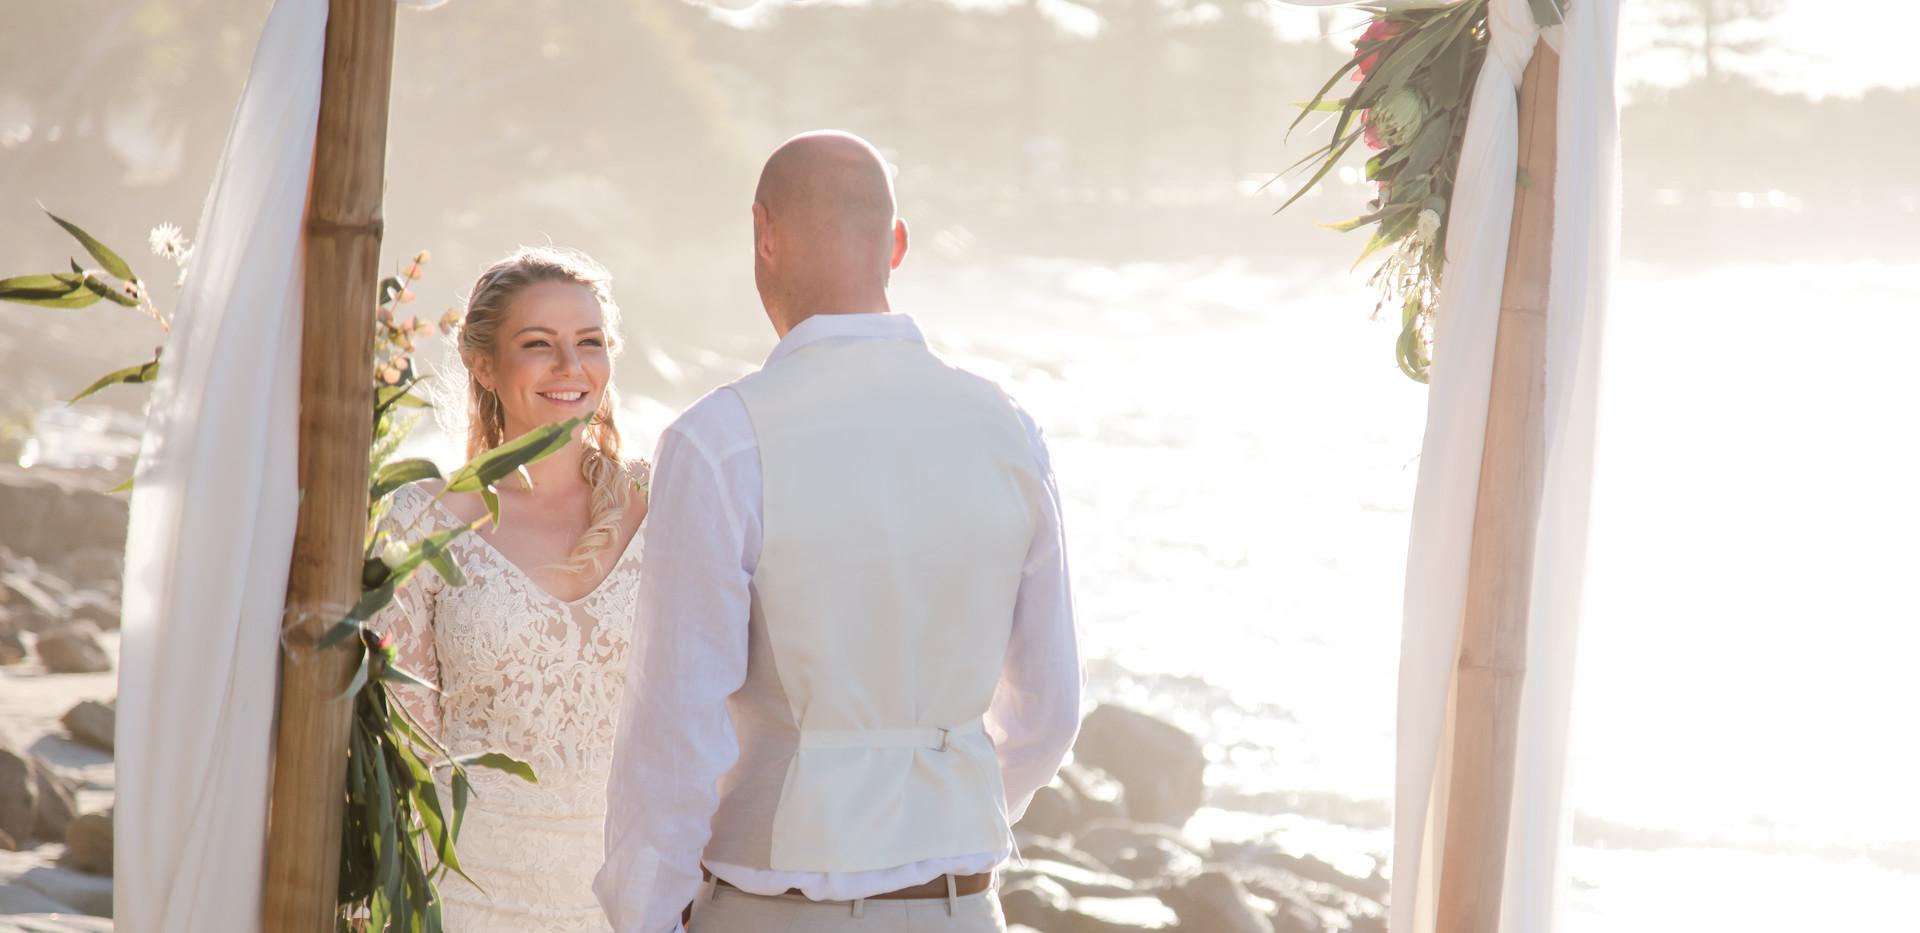 Sunshine coast wedding decorations